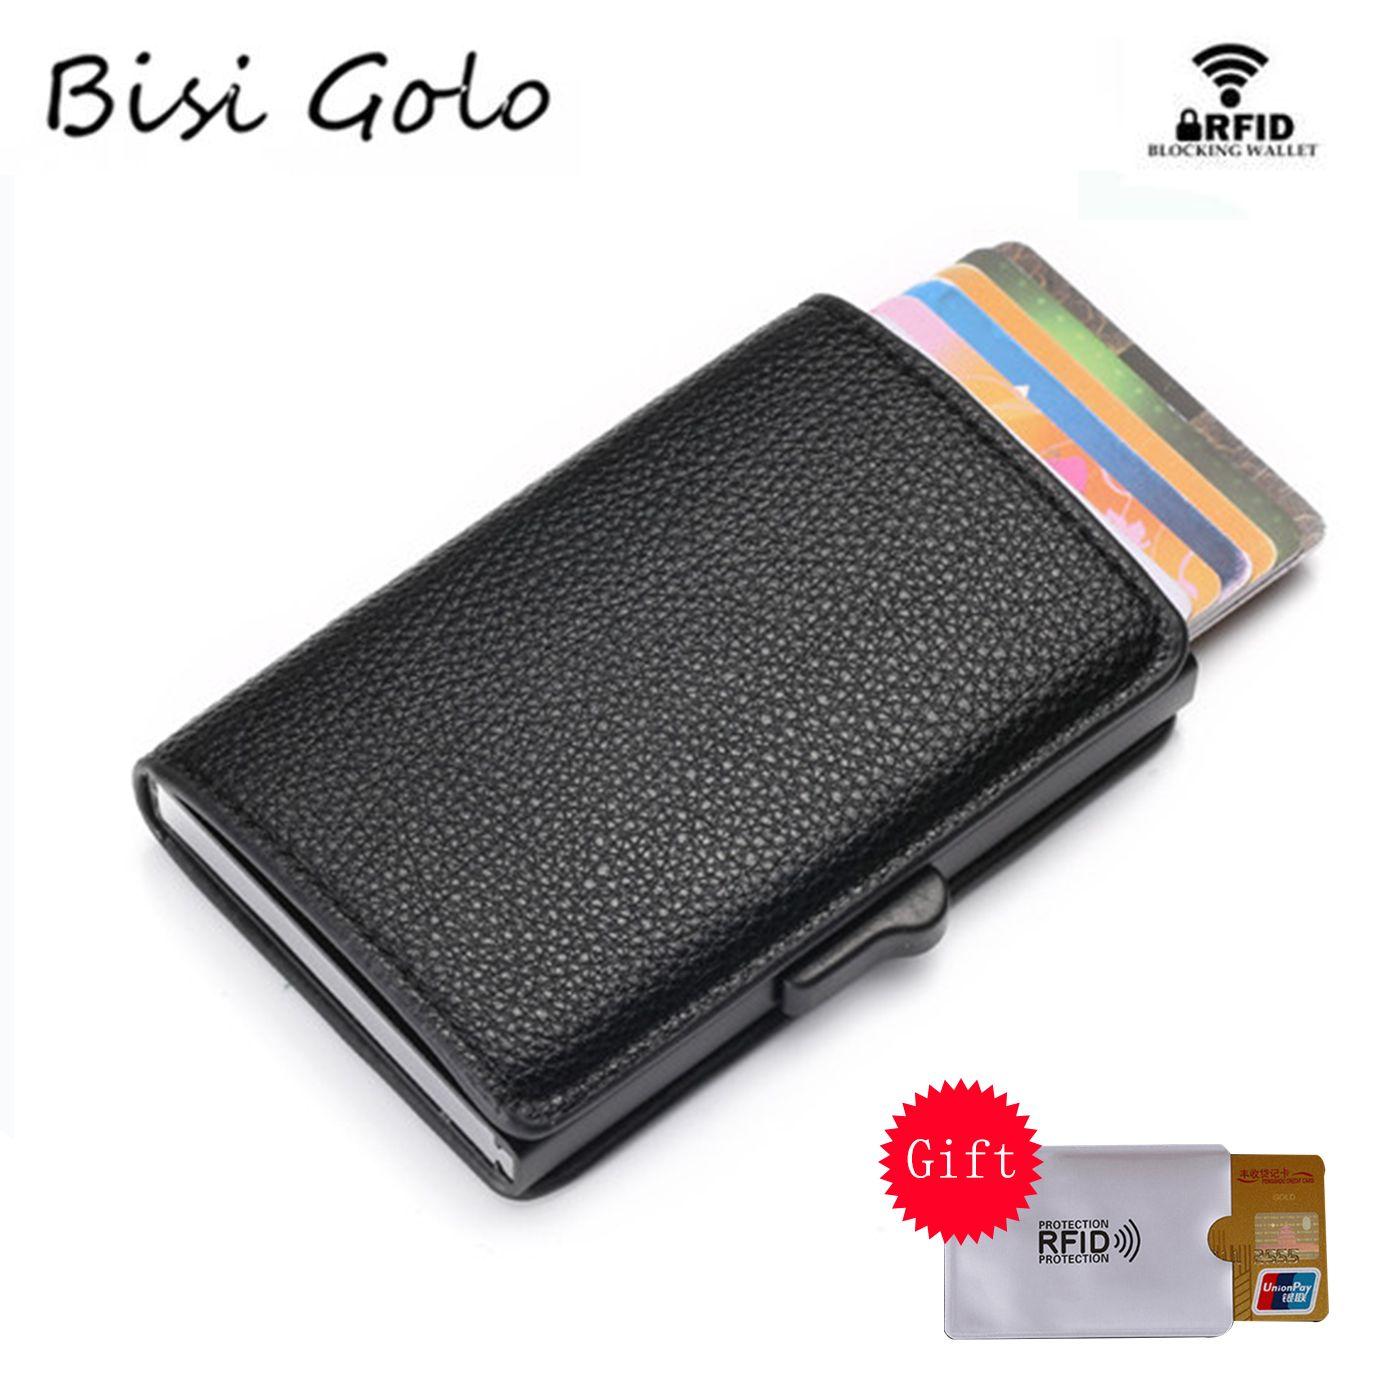 BISI GORO nouveauté portefeuille en cuir souple RFID blocage porte-carte d'identité multifonctionnel haute qualité sac d'argent 3 couleurs étui à cartes